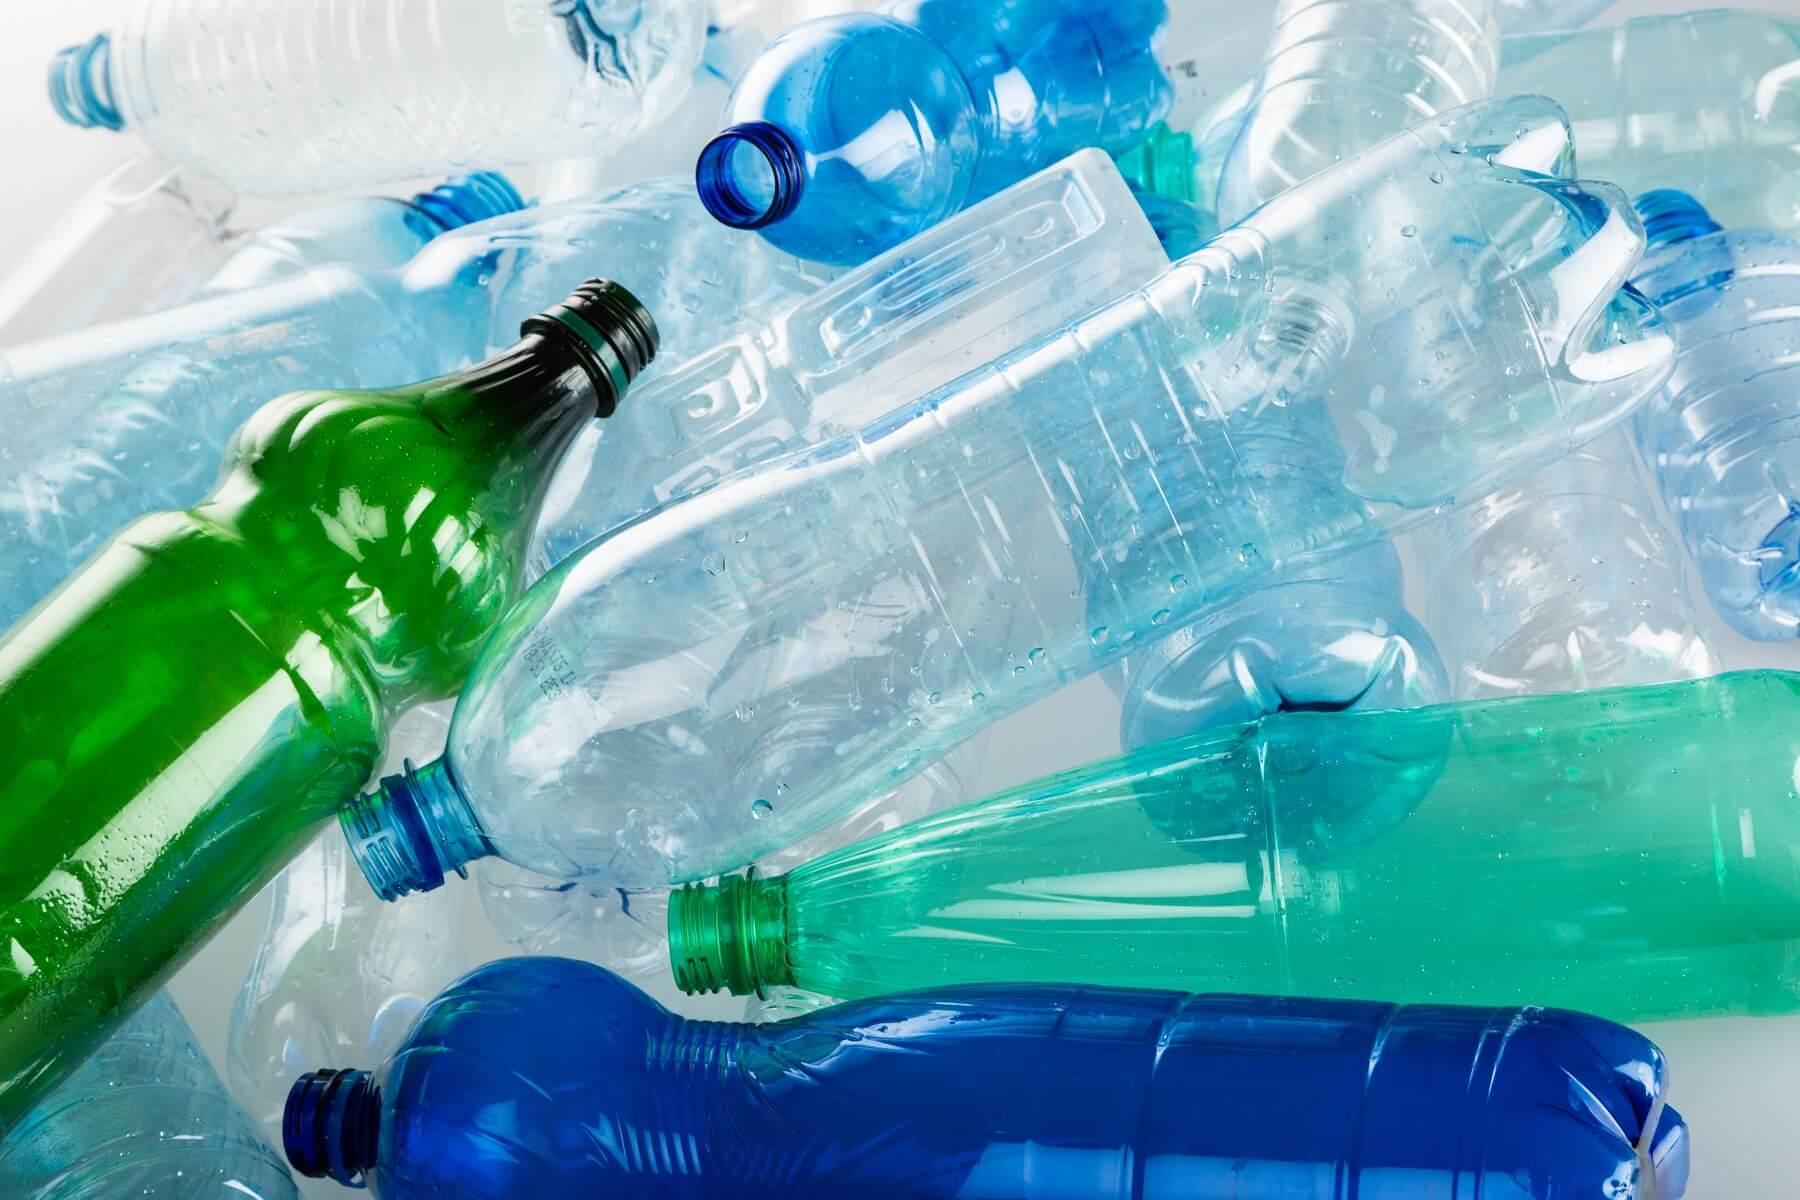 קונה פלסטיק